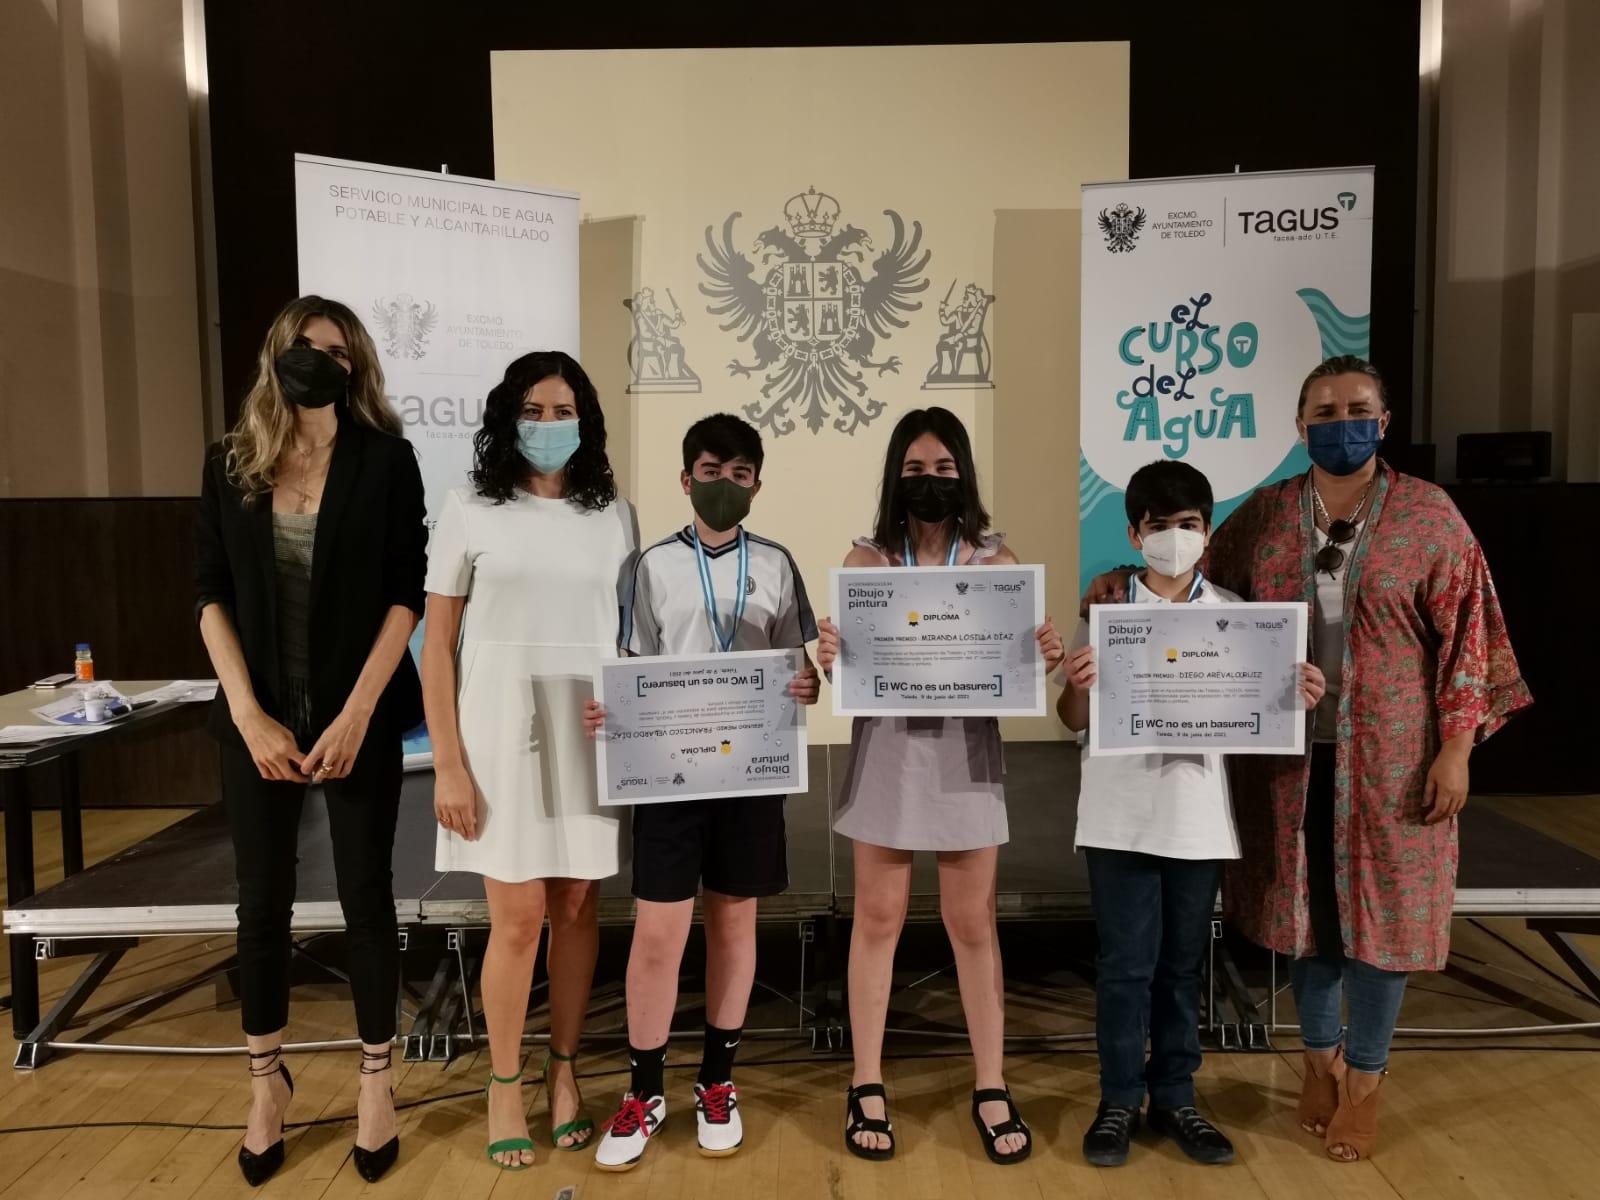 El Ayuntamiento y Tagus entregan los premios del IV Concurso Escolar de Dibujo y Pintura con el lema 'El WC no es un basurero'